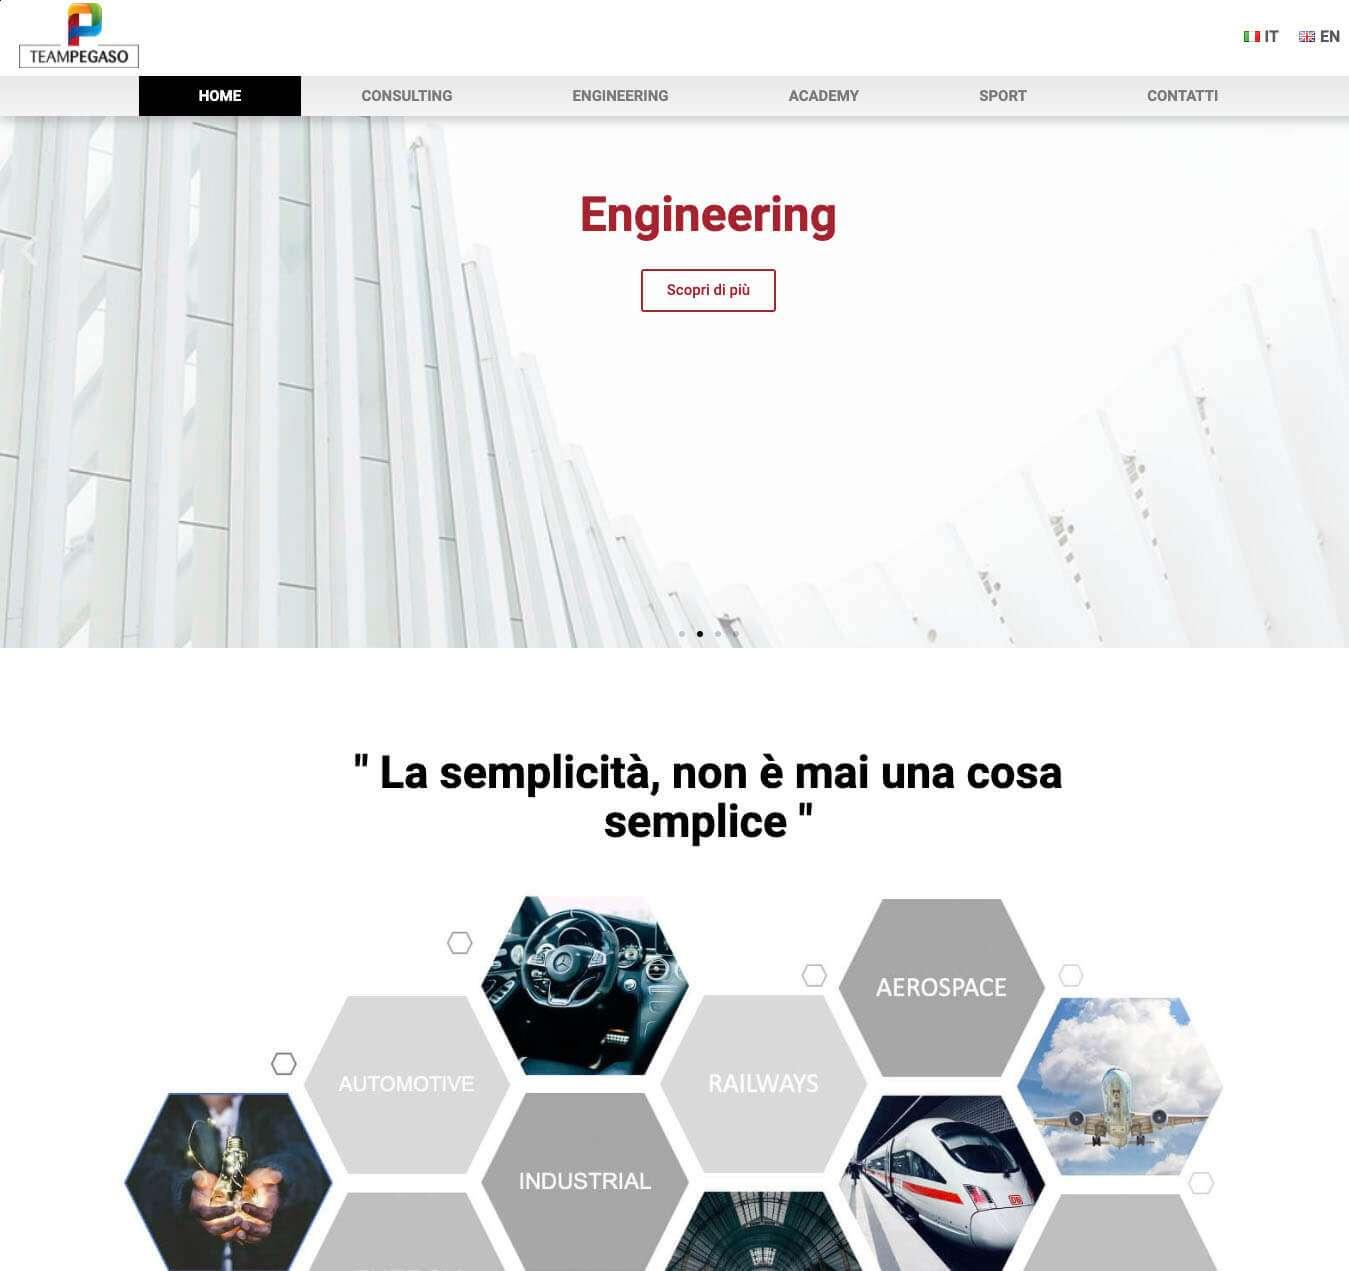 sito società di consulenza e ingegneria TeamPegaso Asti Essetre